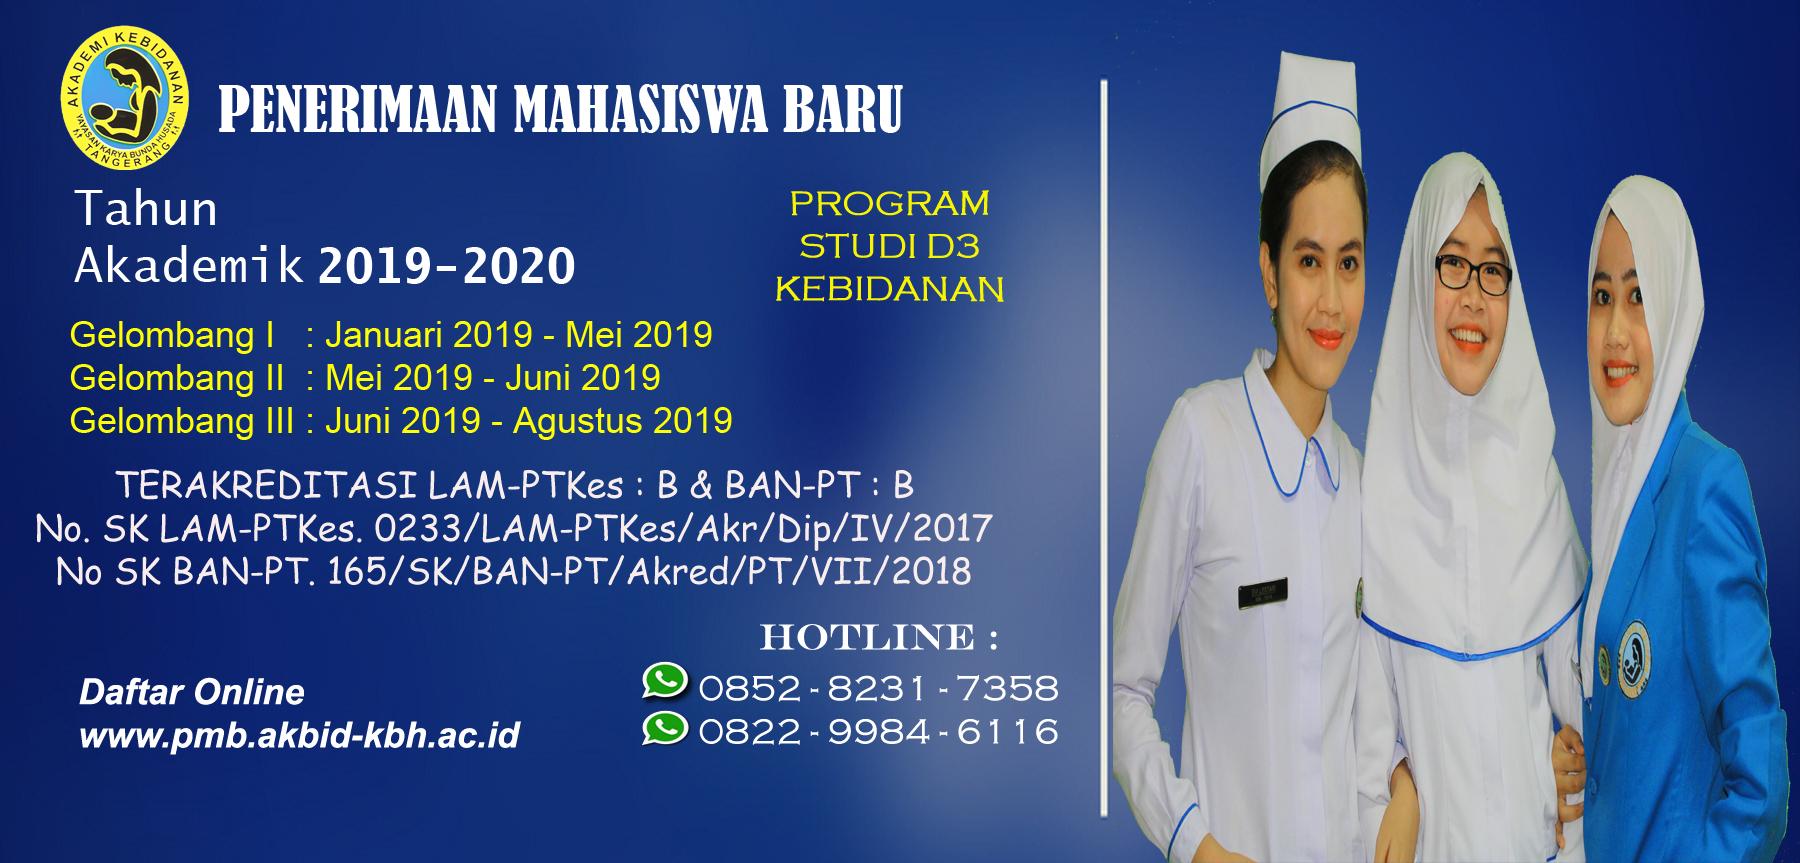 APenerimaan Mahasiswa Baru Tahun Akademik 2019/2020